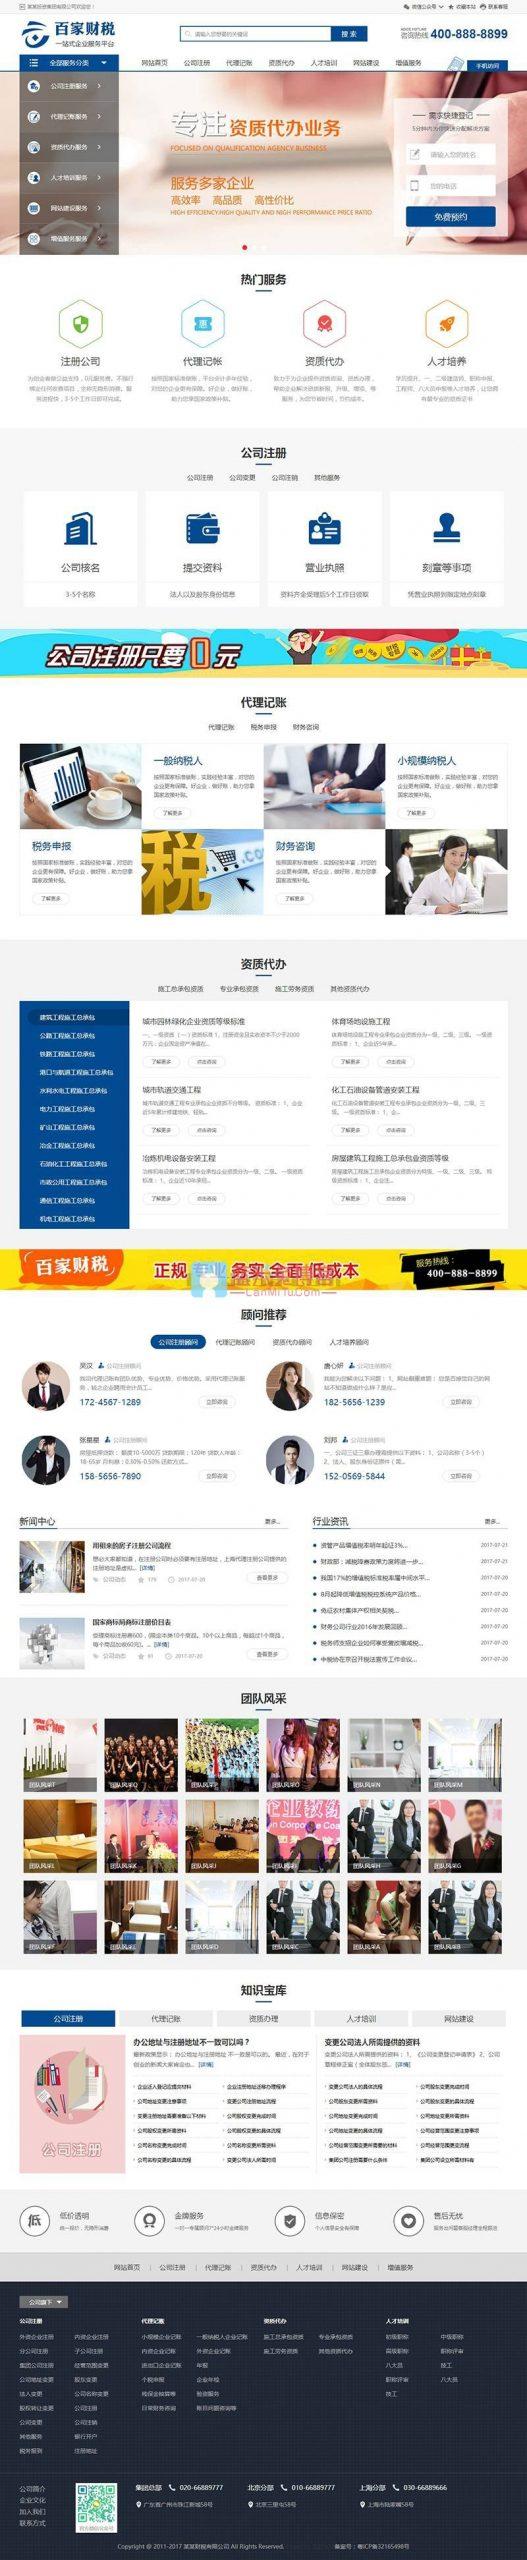 织梦dedecms模板 注册记账财税类织梦网站模板(带手机端)+PC+wap+利于SEO优化